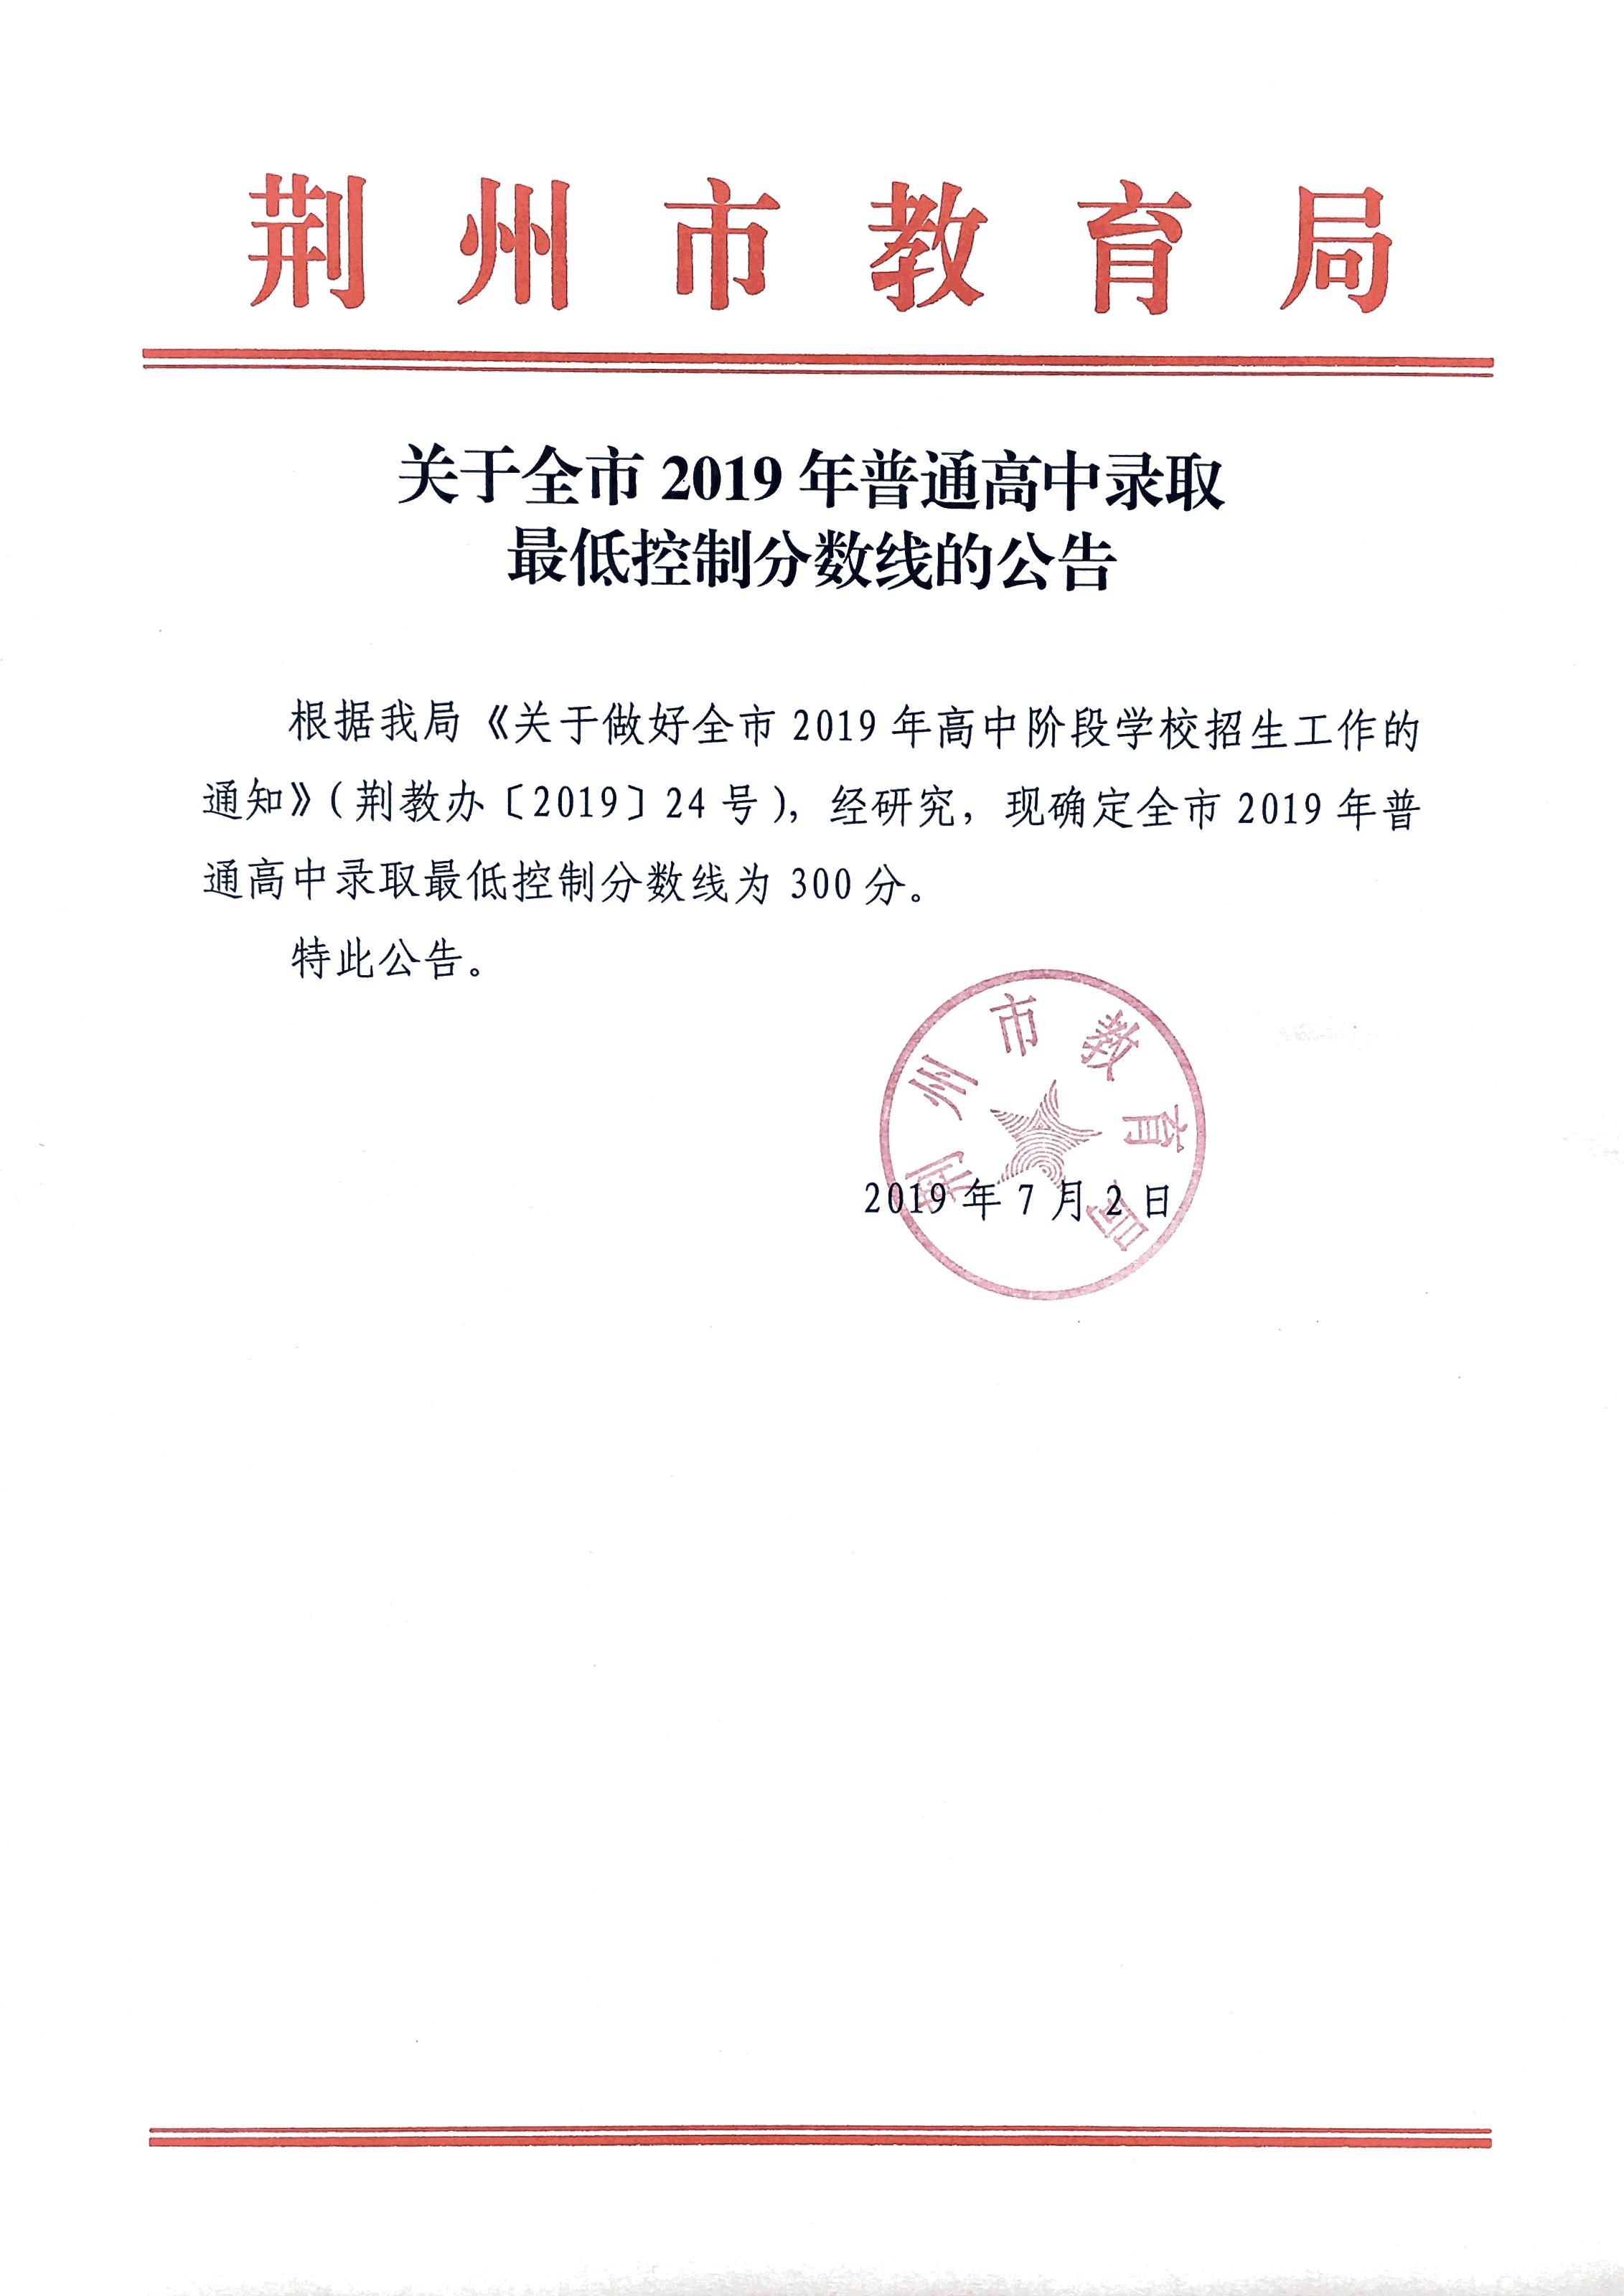 2019年湖北荆州中考高中录取最低分数线